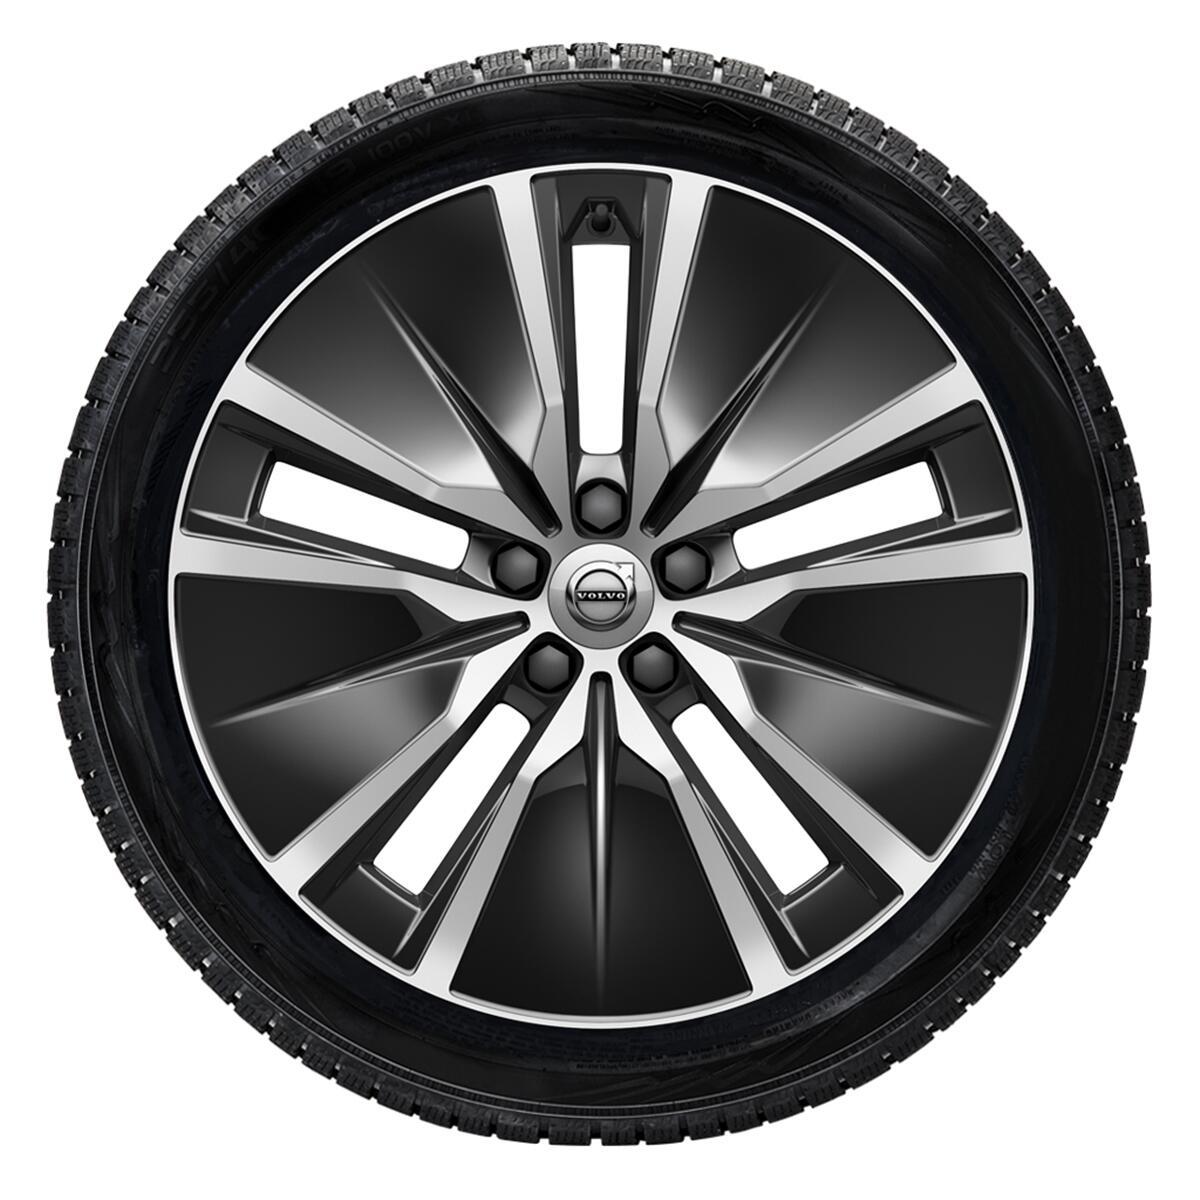 Komplet zimskih kotača: 235/55 R19 gume Continental